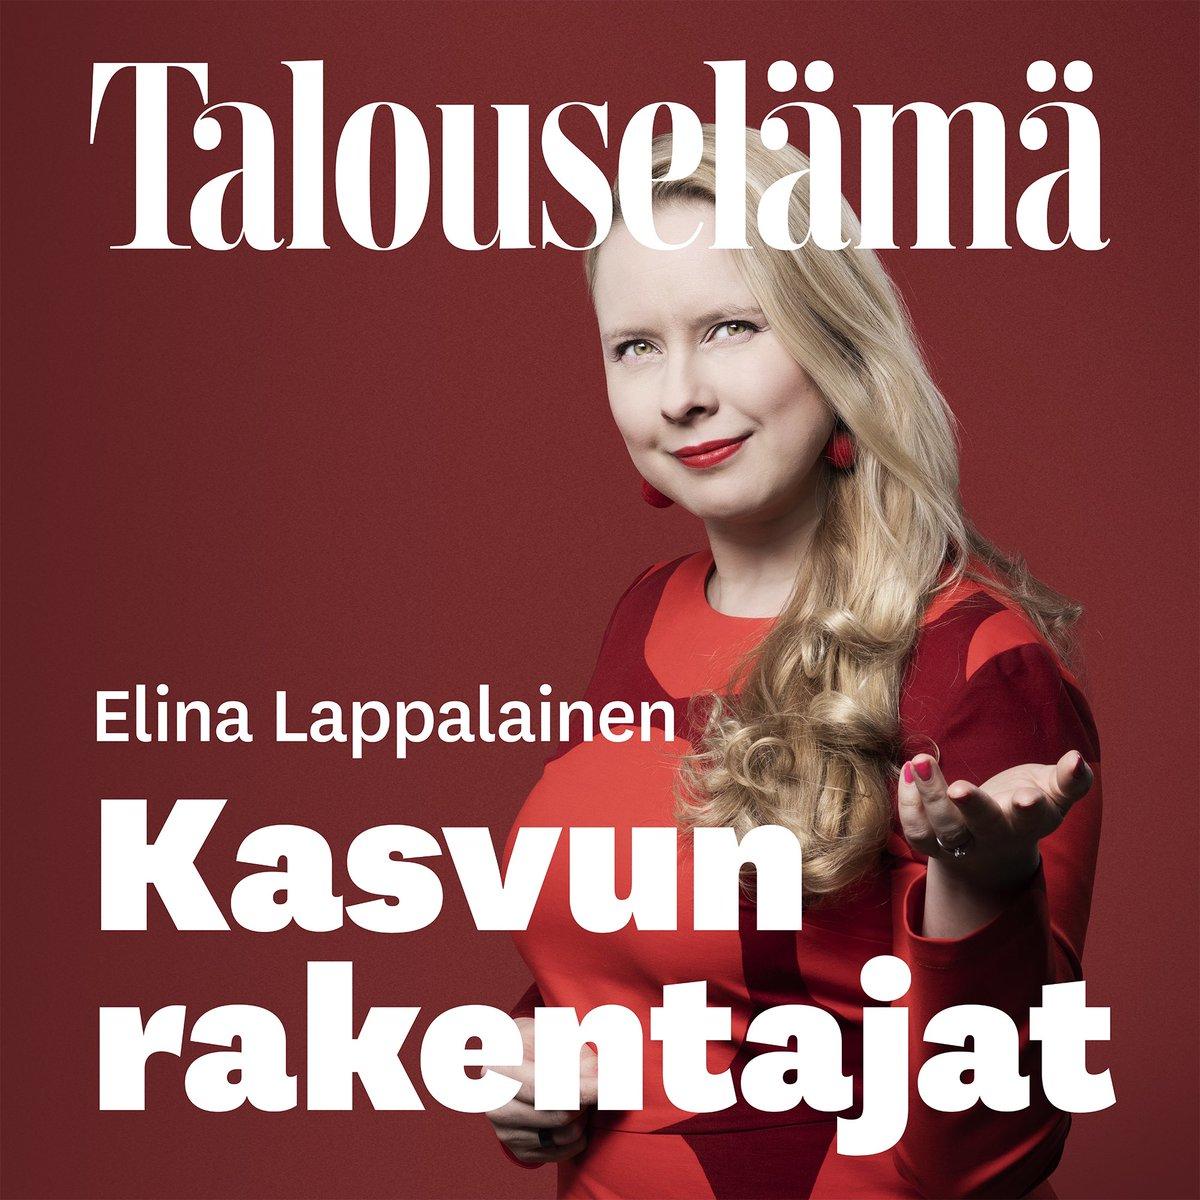 Pontoksen portfolioyhtiön @HintsaPerform toimitusjohtaja Annastiina Hintsa @ElinaLappalaine #Kasvunrakentajat-podcastissa. Klikkaa kuuntelemaan! #PontosPortfolio